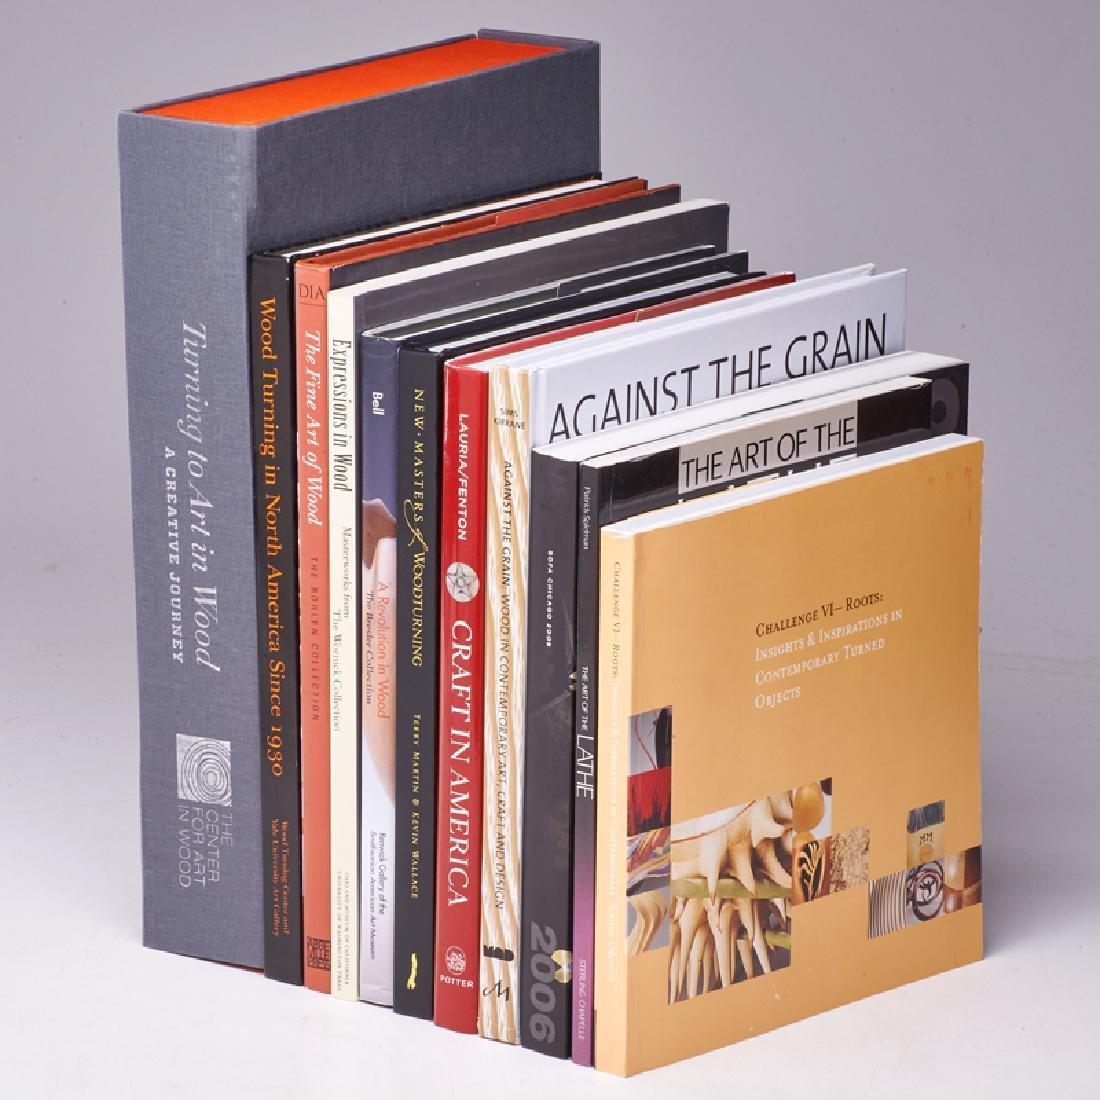 WOOD ART BOOKS